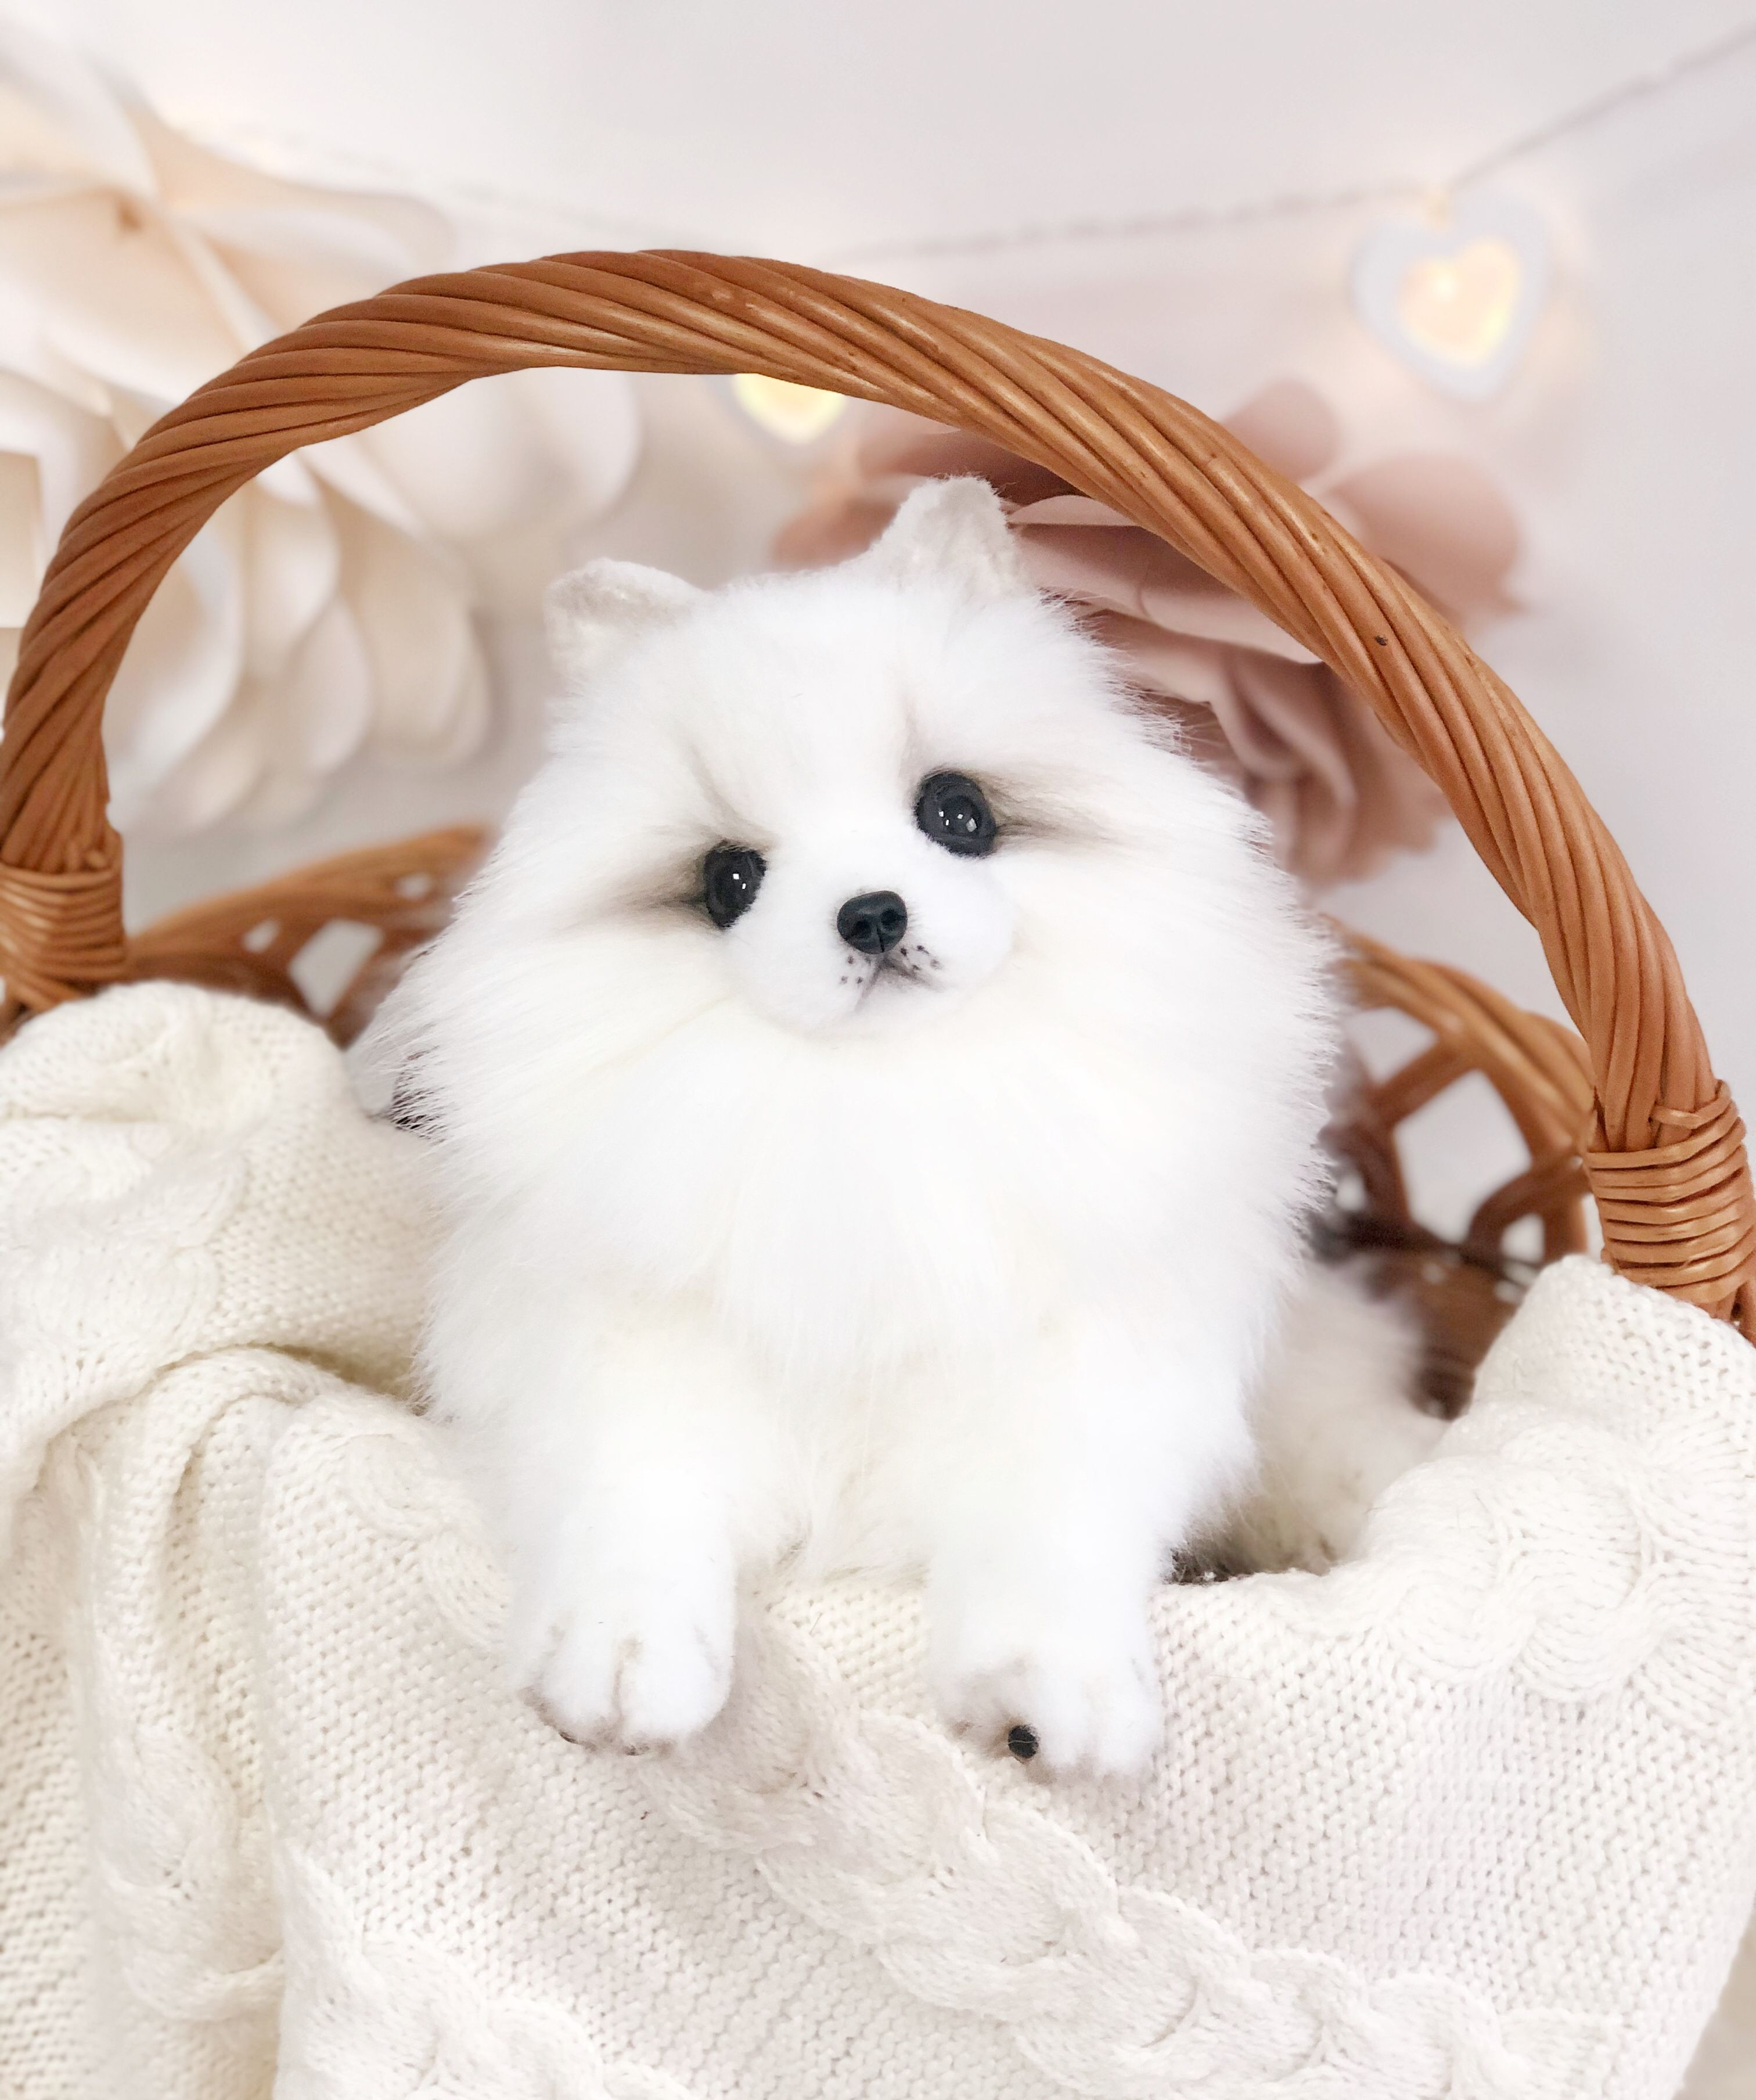 Pomeranian Realistic Stuffed Dog Spitz Real Size Adorable Etsy Realistic Stuffed Dog Pomeranian Stuffed Animal Teddy Dog [ 3616 x 3024 Pixel ]